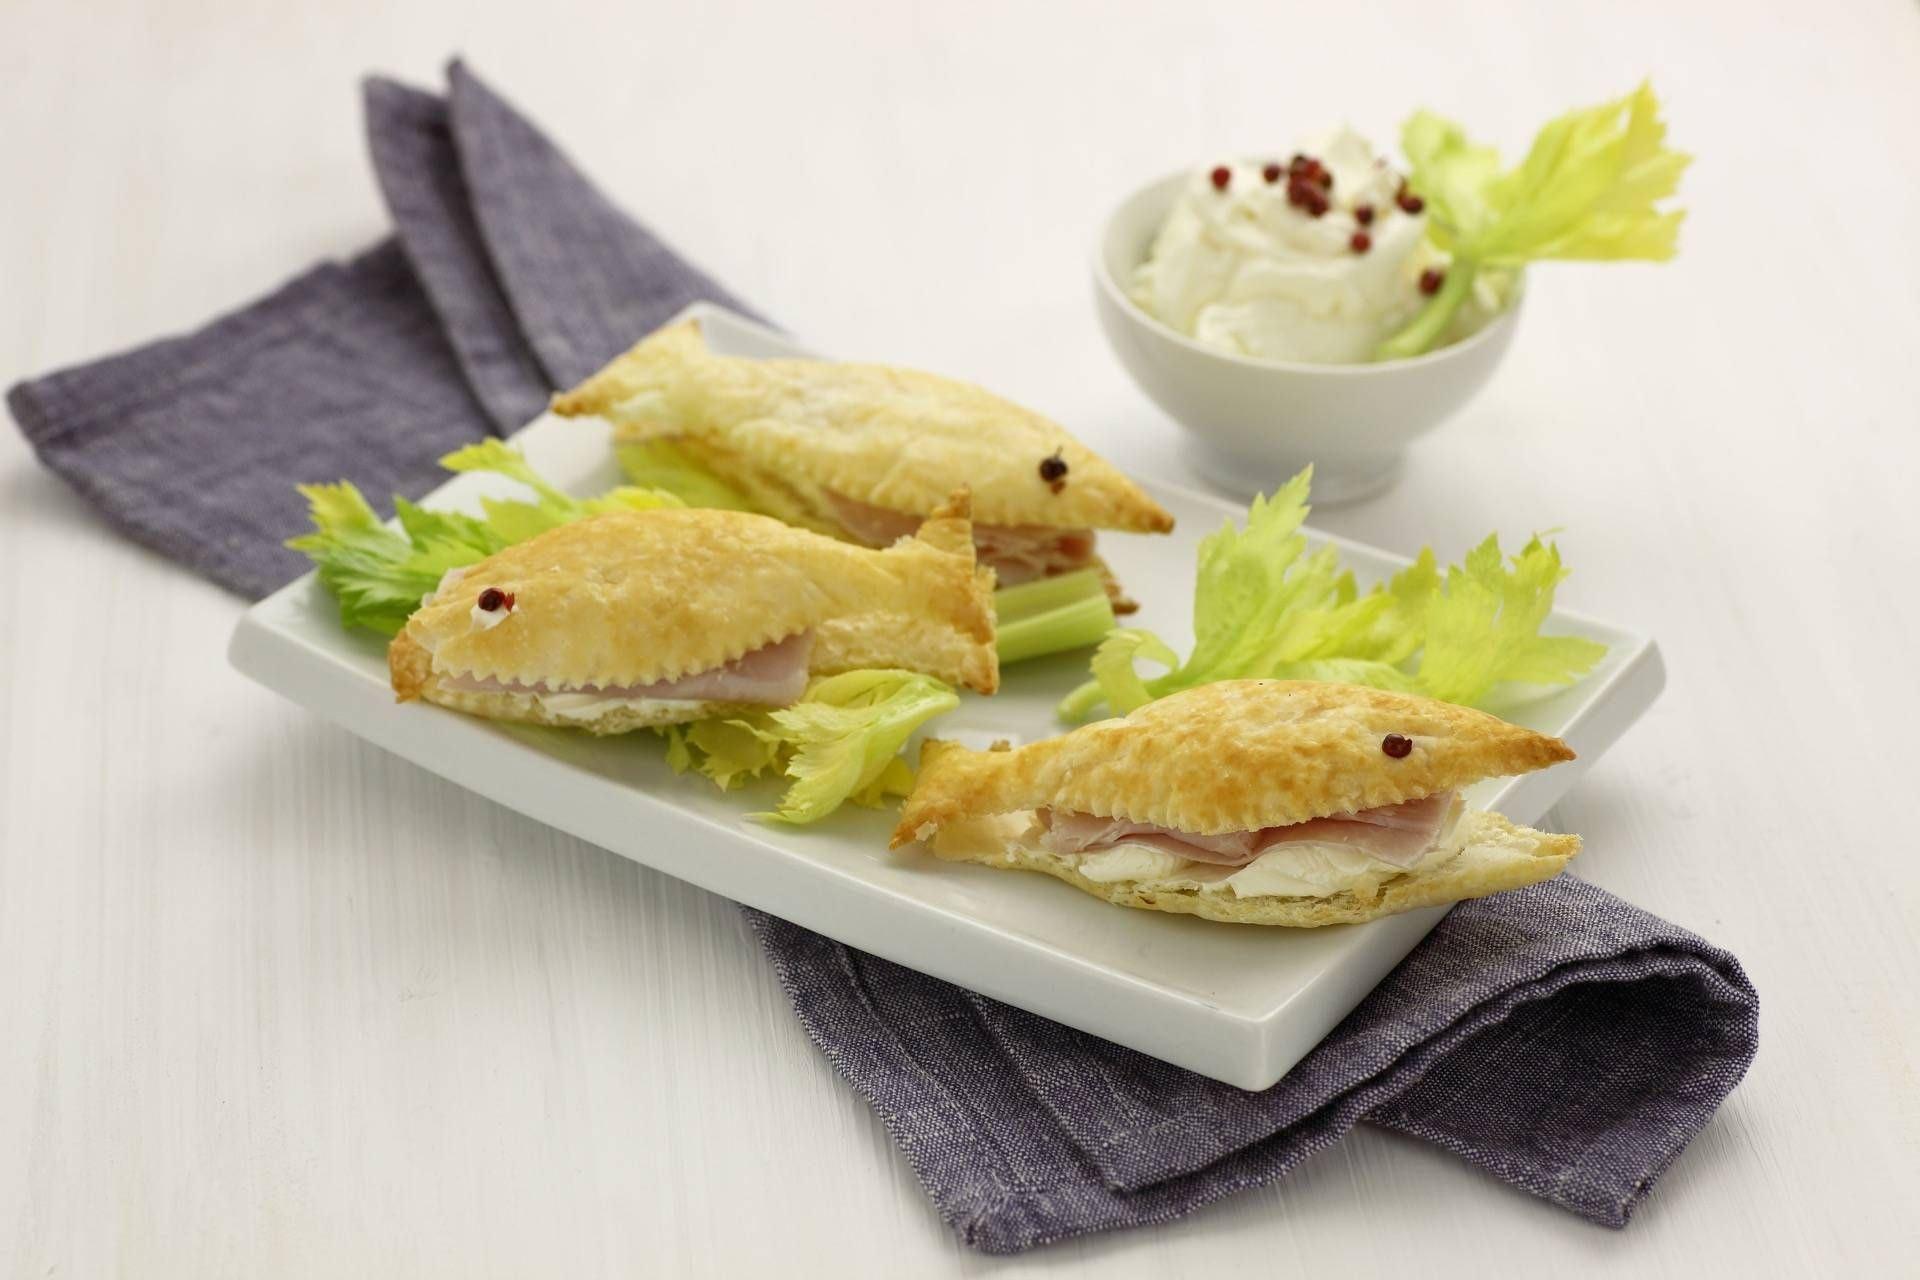 Pesciolini di sfoglia con crema al prosciutto - Parmalat